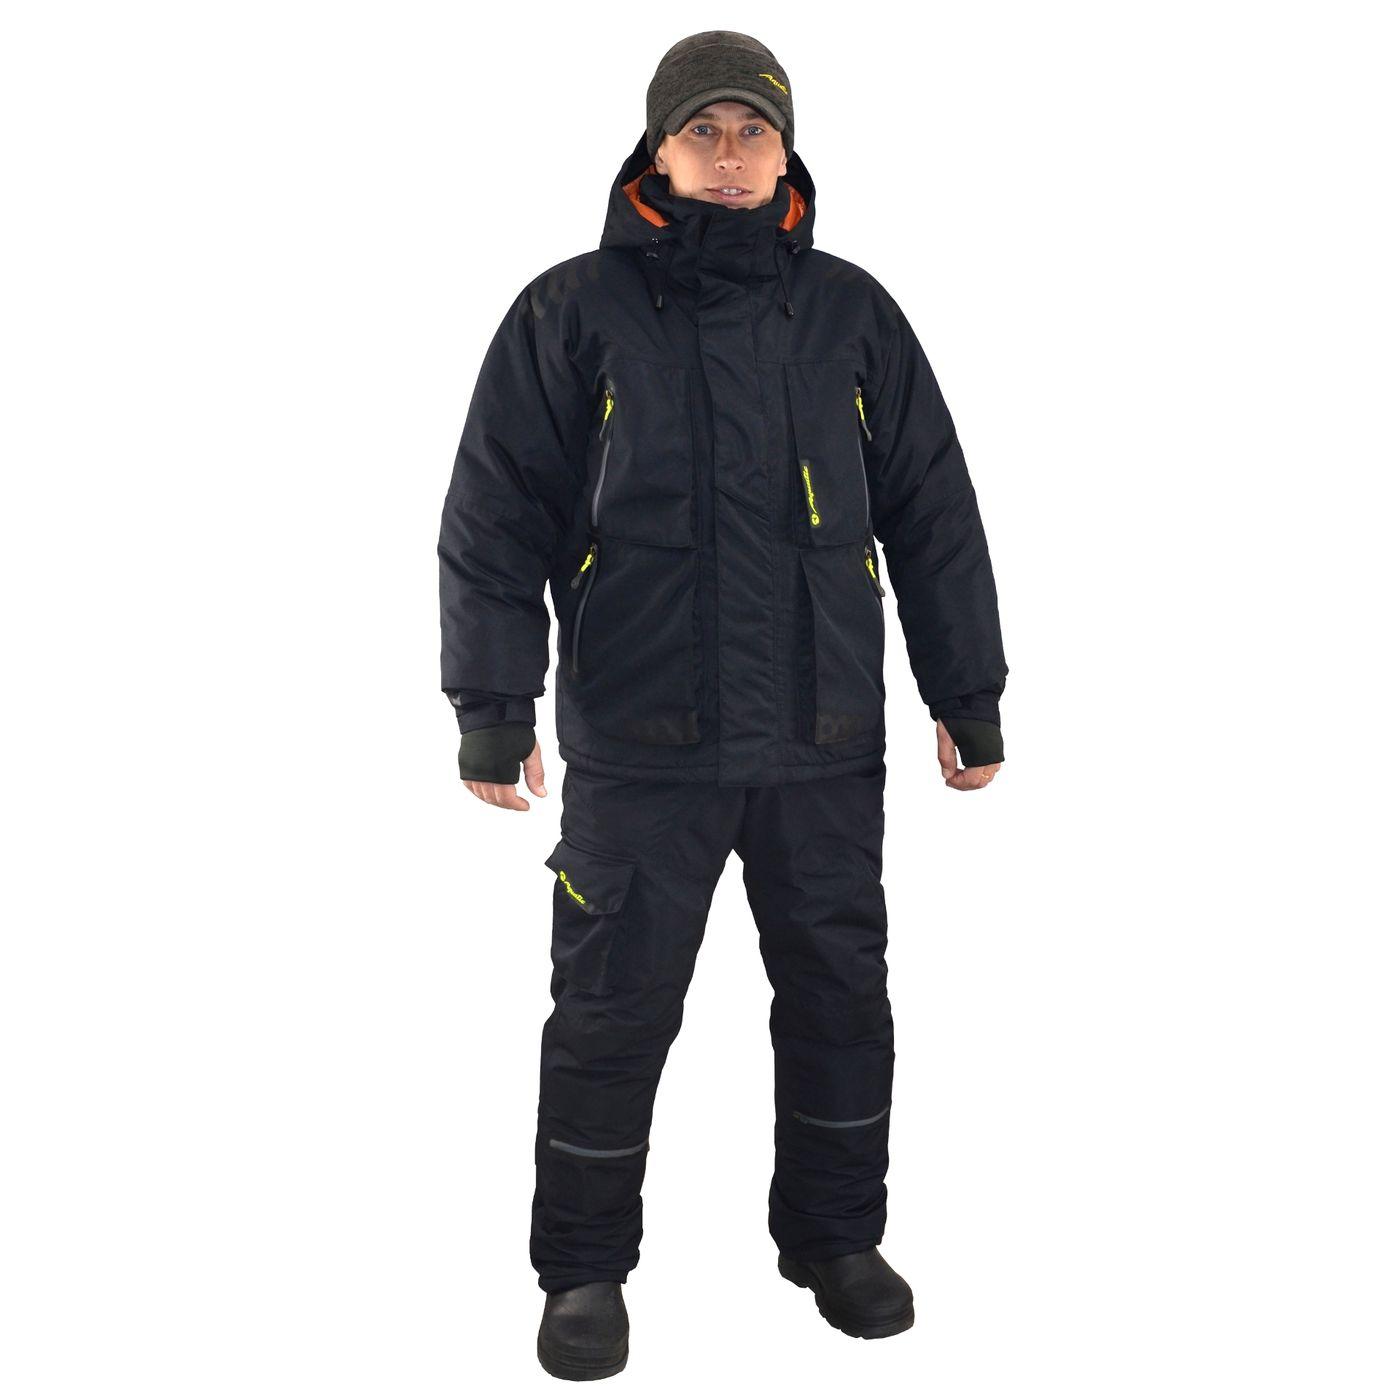 Winter Membrane Suit Aquatic K-14h K-14h 48-50